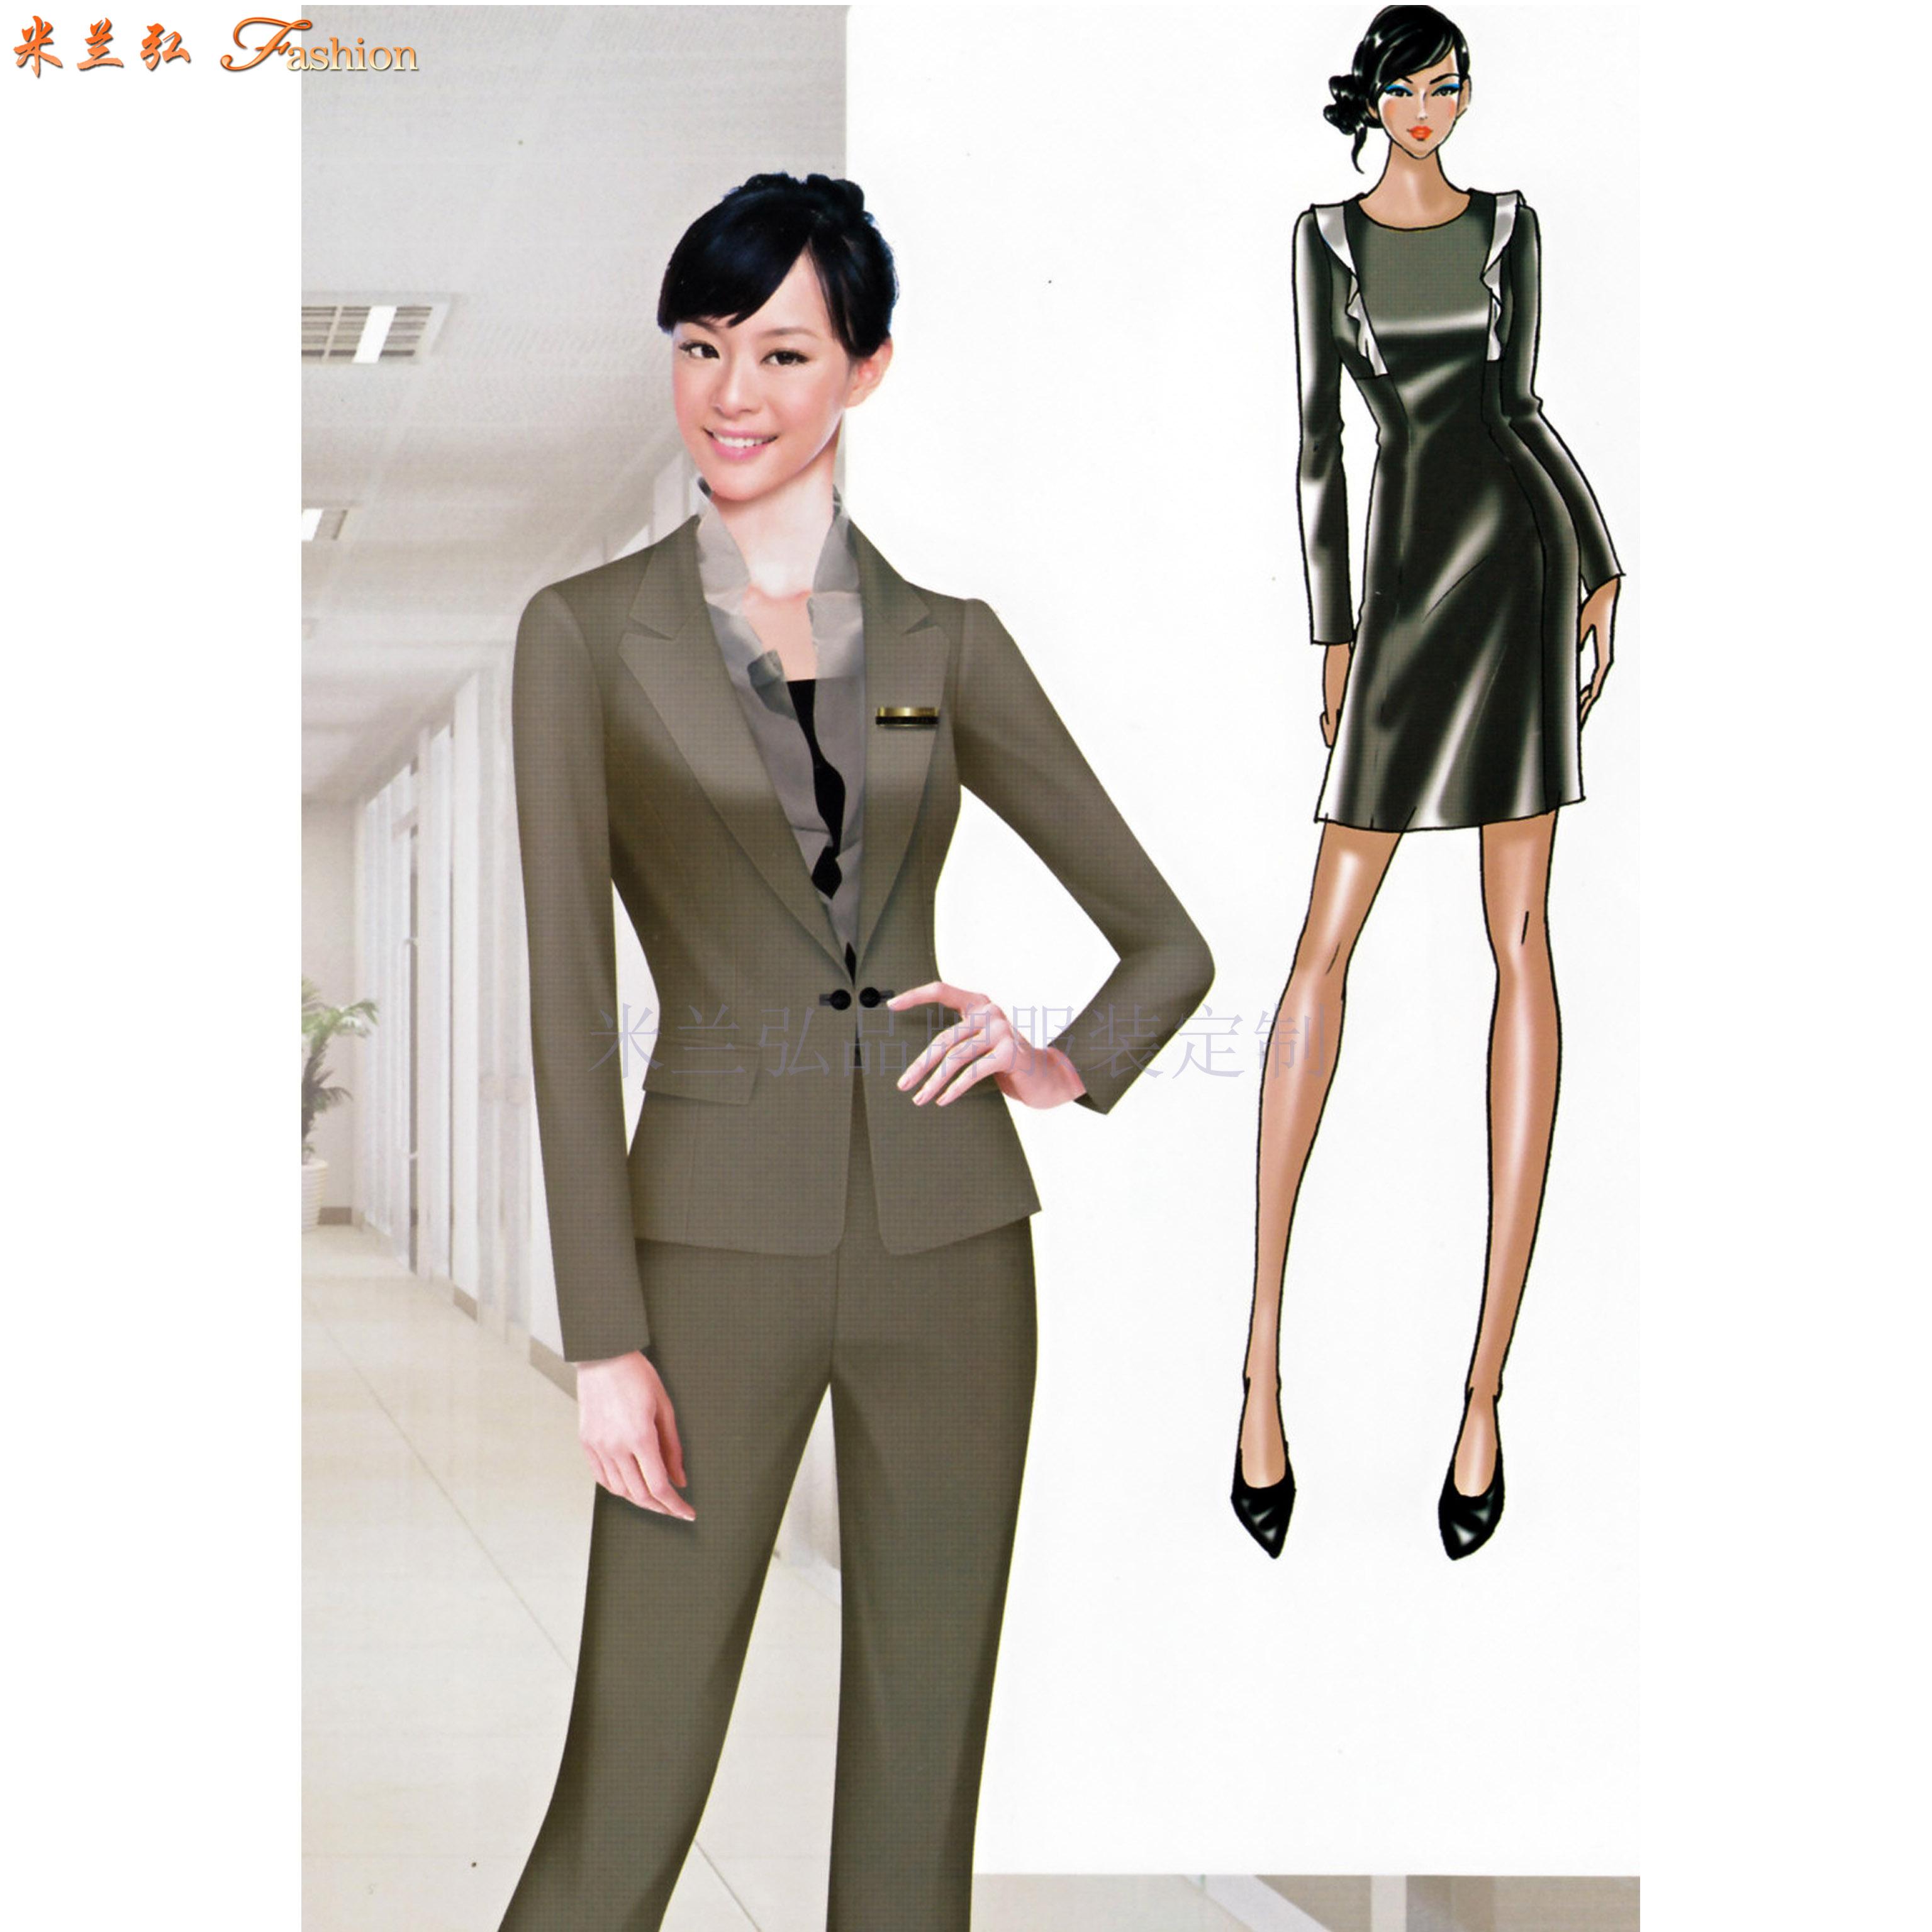 「服装设计」工作服设计的3个性质及类别-米兰弘服装-3